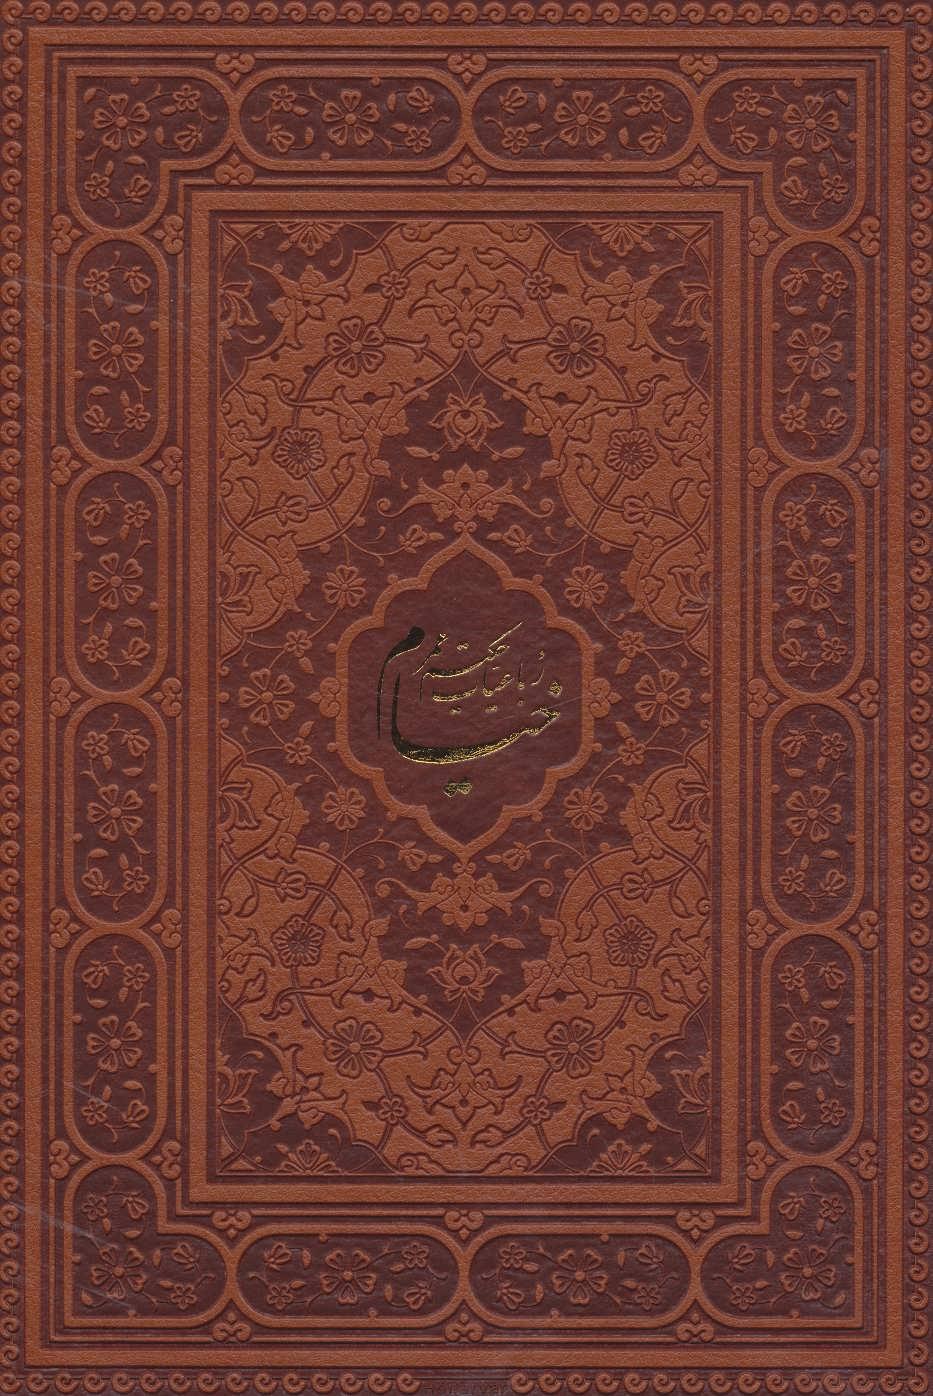 رباعيات حكيم عمر خيام (6رنگ،4زبانه،معطر،گلاسه،باجعبه،چرم،لب طلايي)